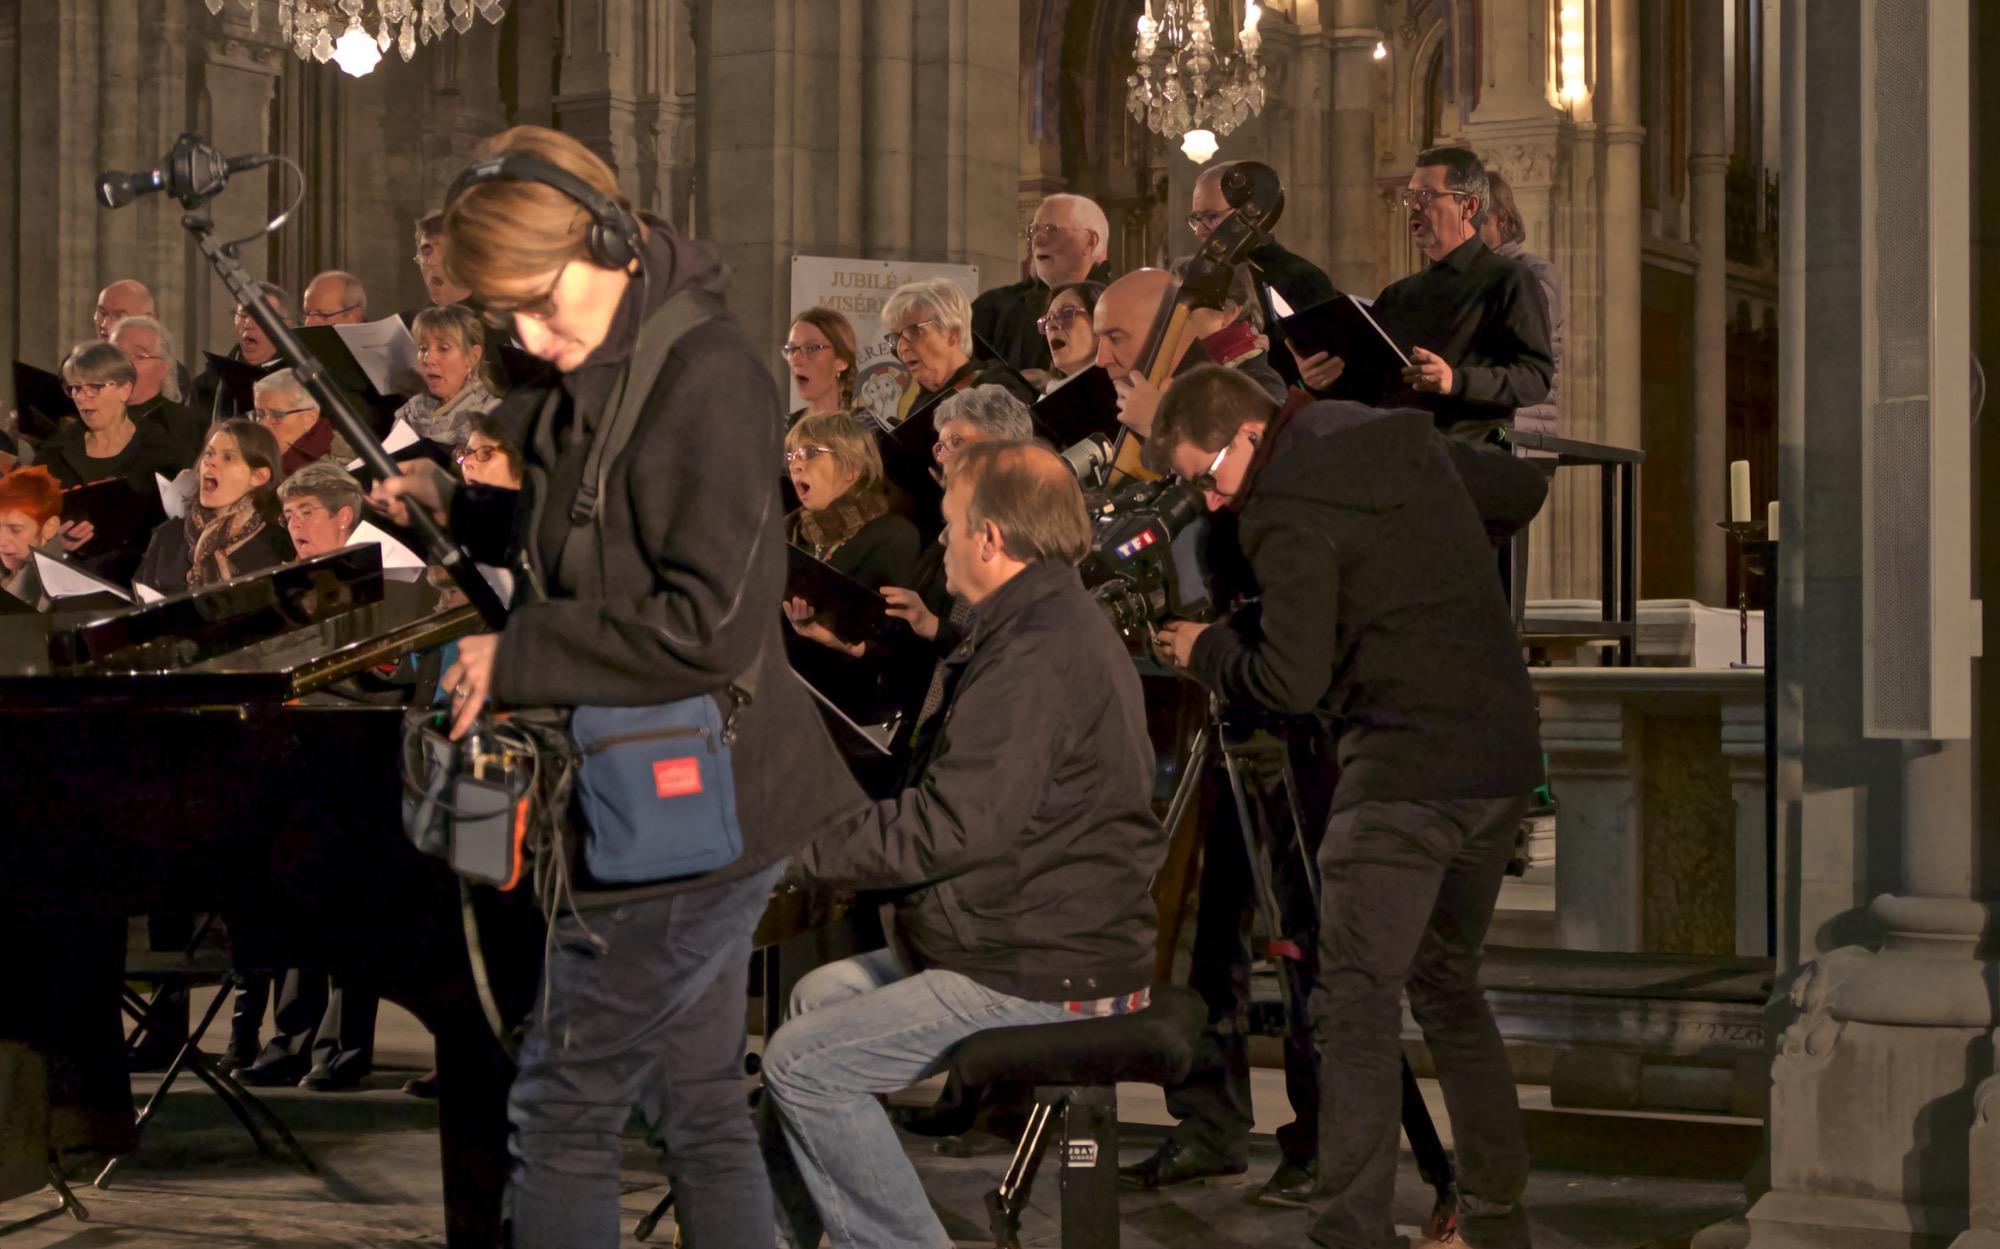 Reportage TF1 sur le Madrigal de Nîmes -  Carnet de route par Michel IZARD Prise de son : Sophie Cameraman : Antoine  RDV vendredi 1er janvier au JT de 13h pour commencer l'année en musique ....!